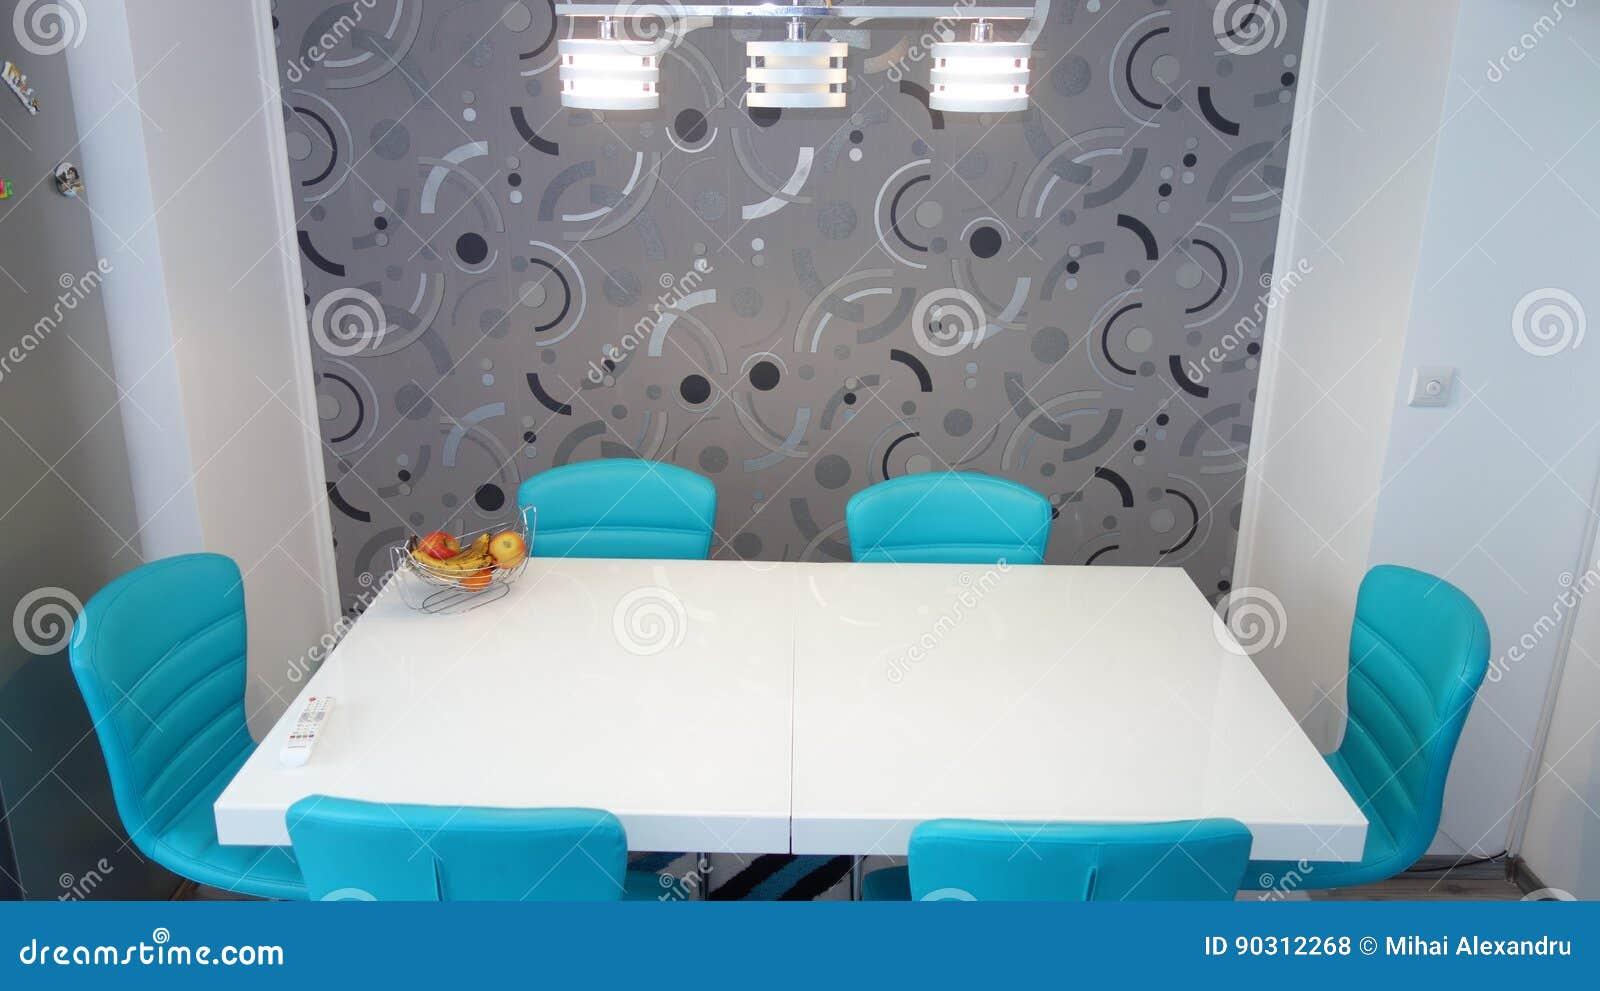 Фото средней квартиры кухни размера в цветах бирюзы, кожаного современного и минималистского seater, белого обеденного стола для